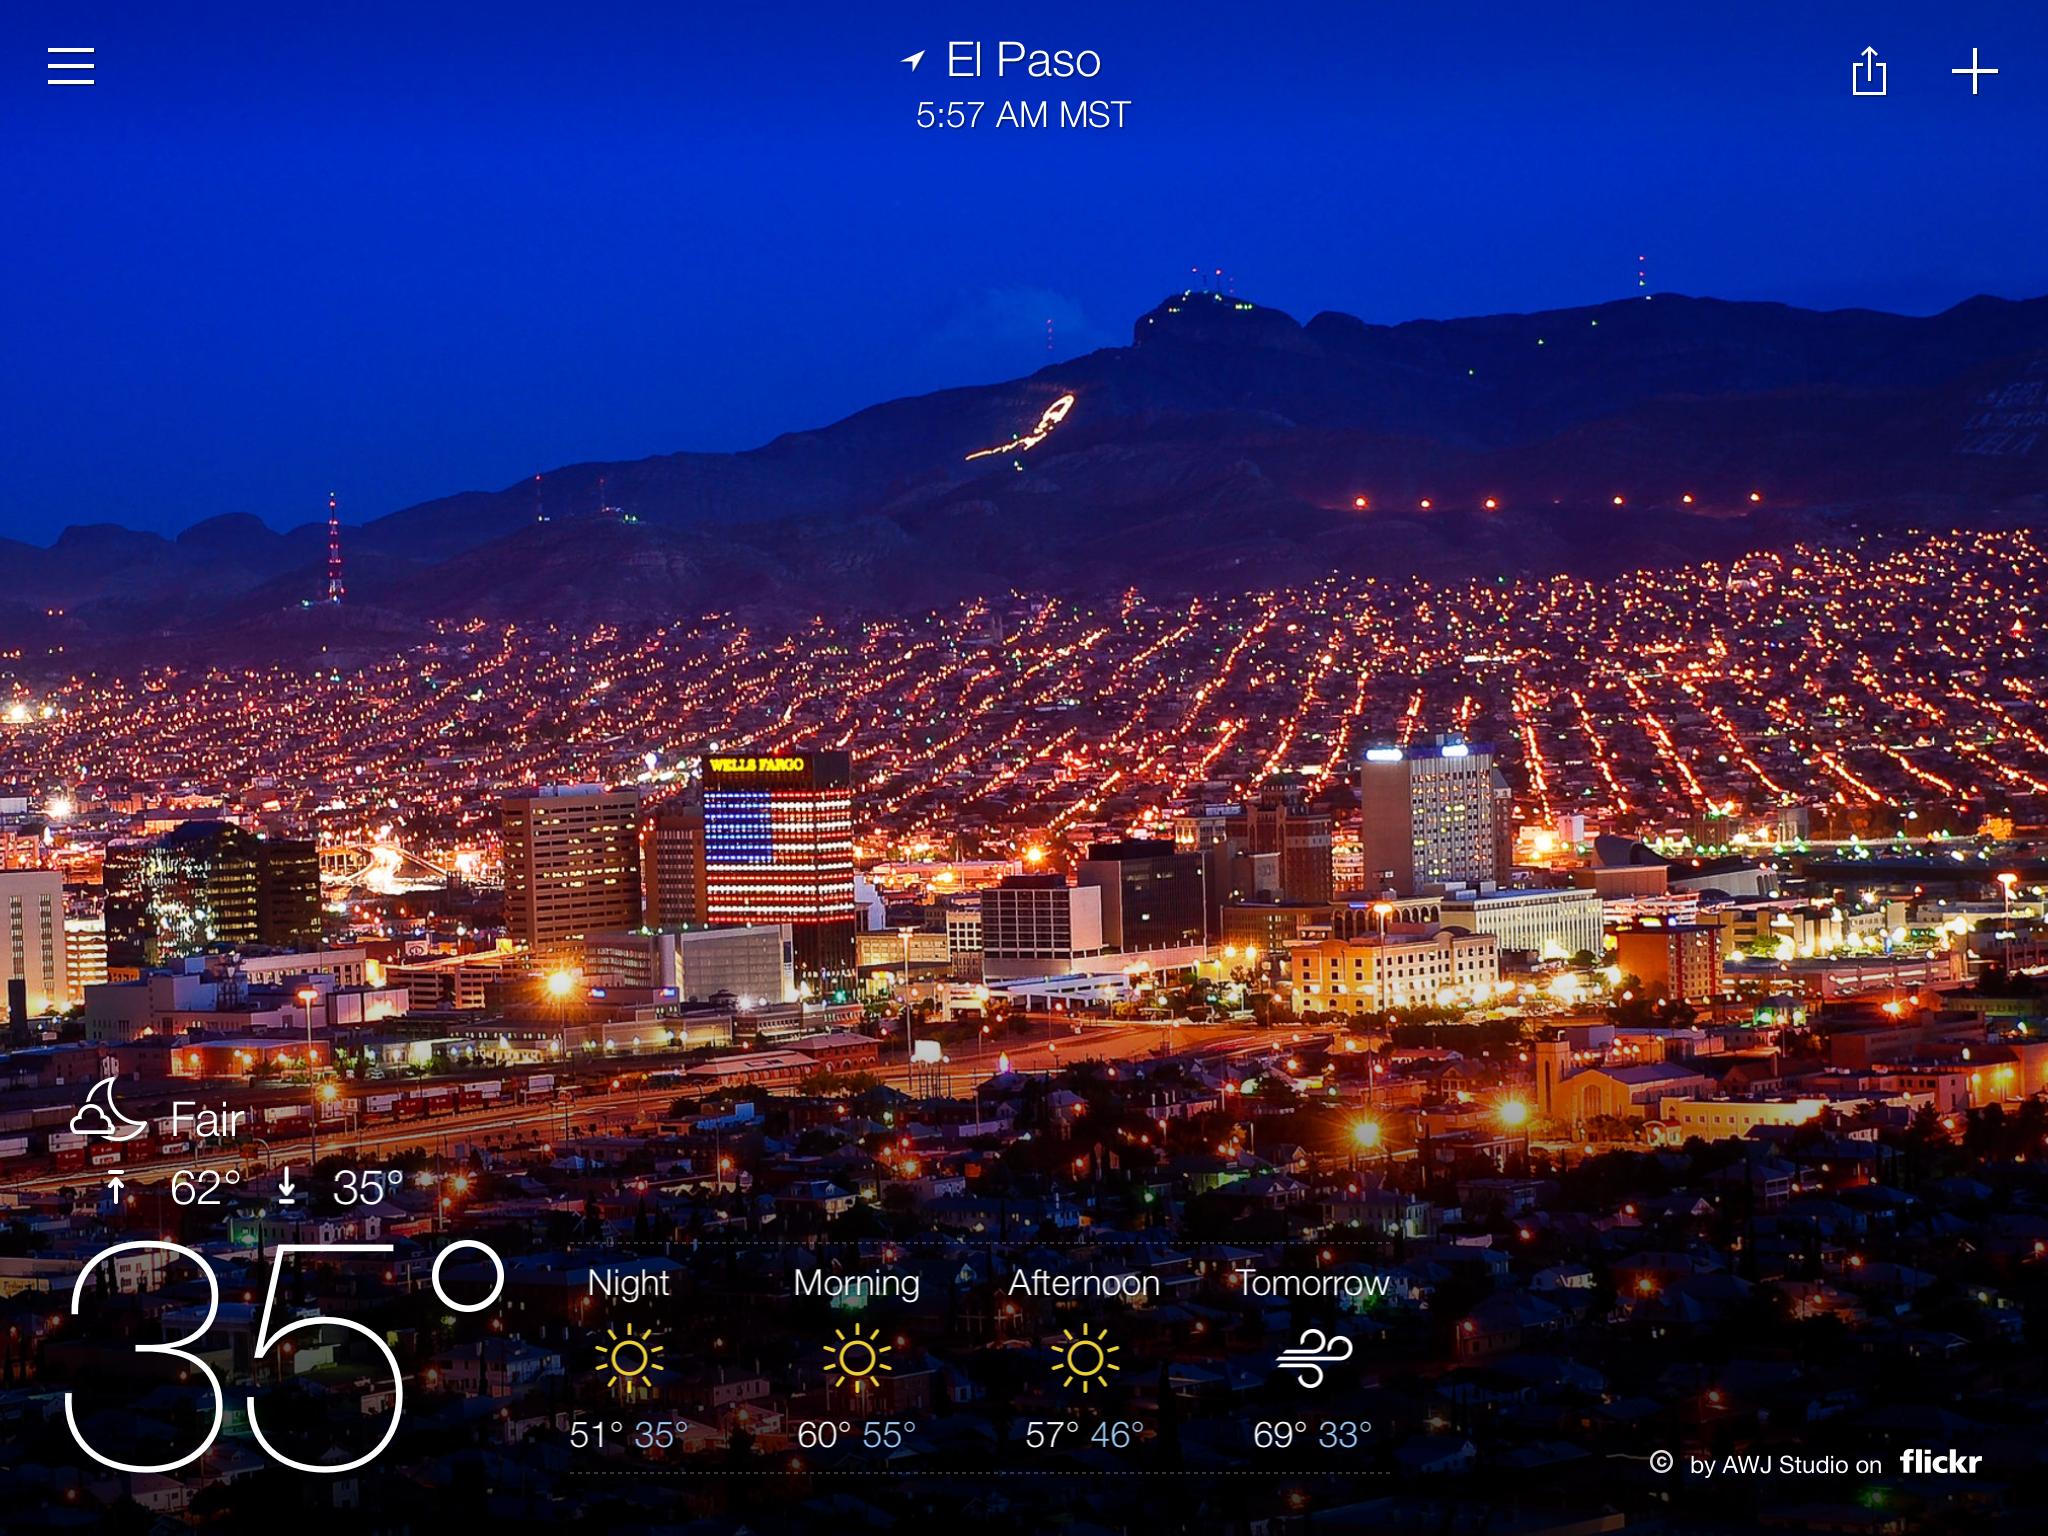 El Paso Temp